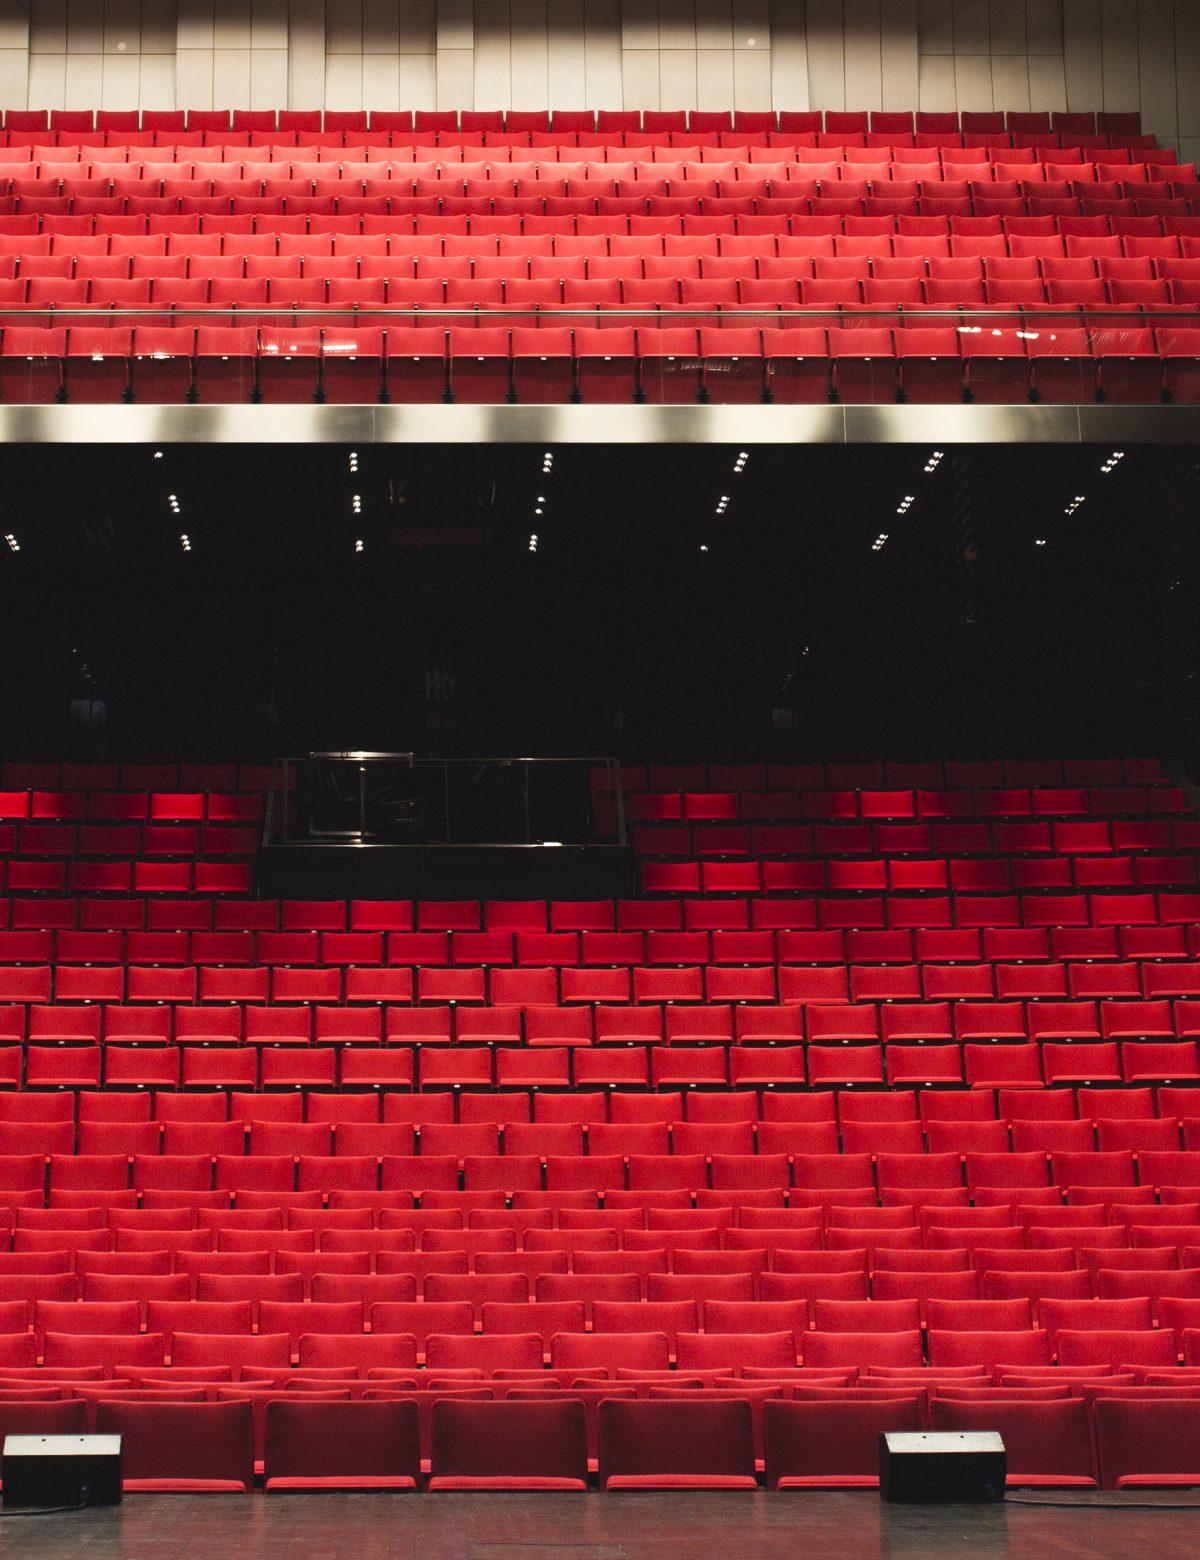 Boka lokalvisning för konferens, möten och event på Uppsala Konsert & Kongress.